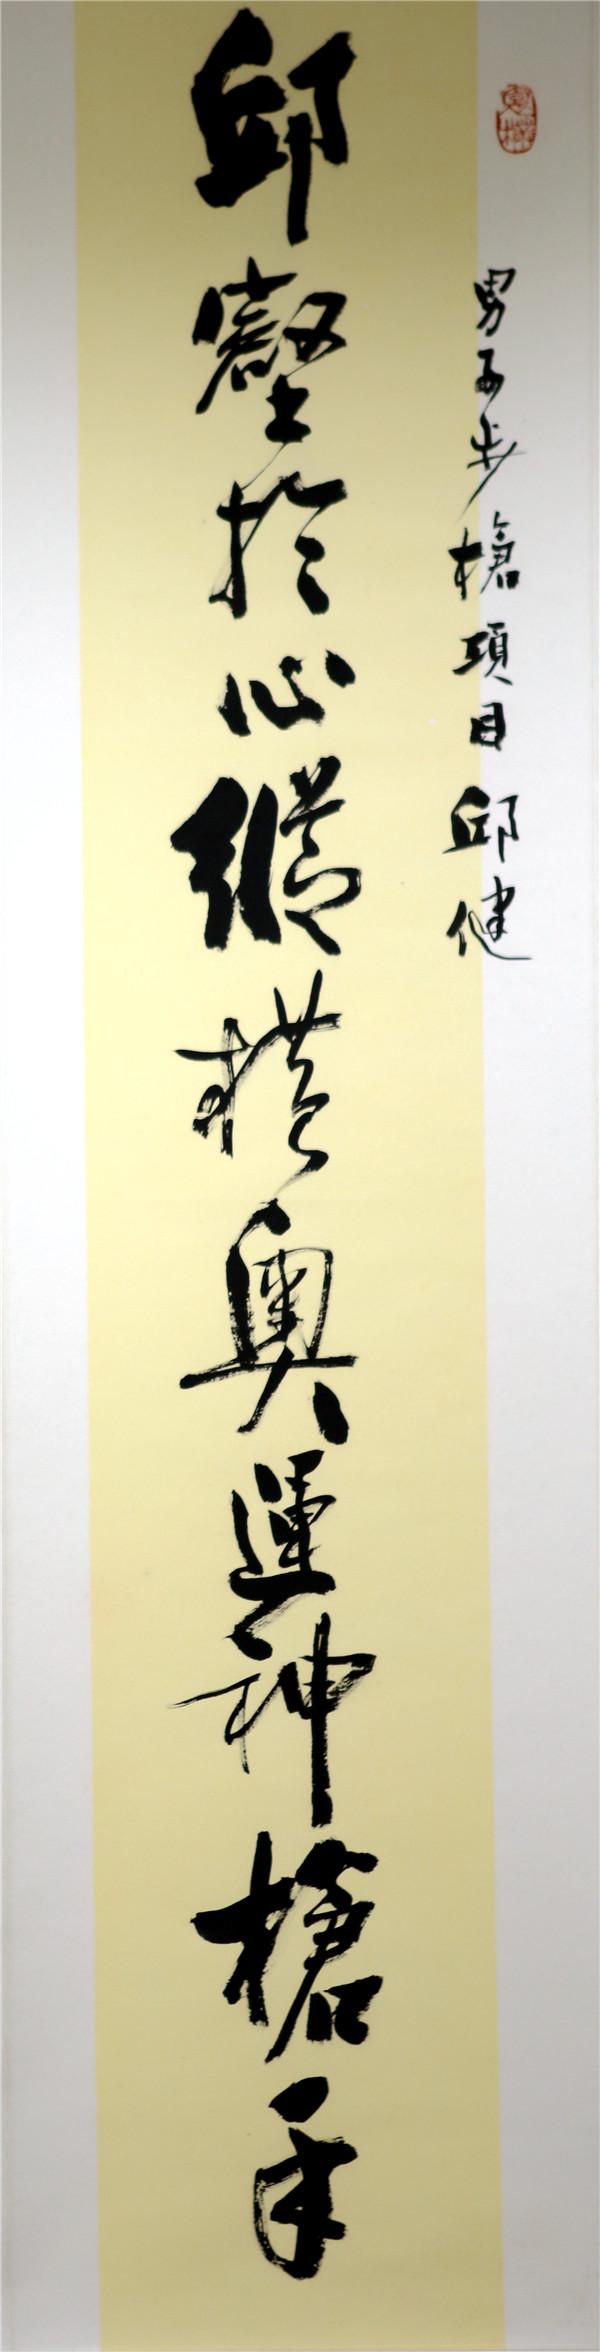 序号359,书录卜用可为江苏奥运冠军邱健嵌名联